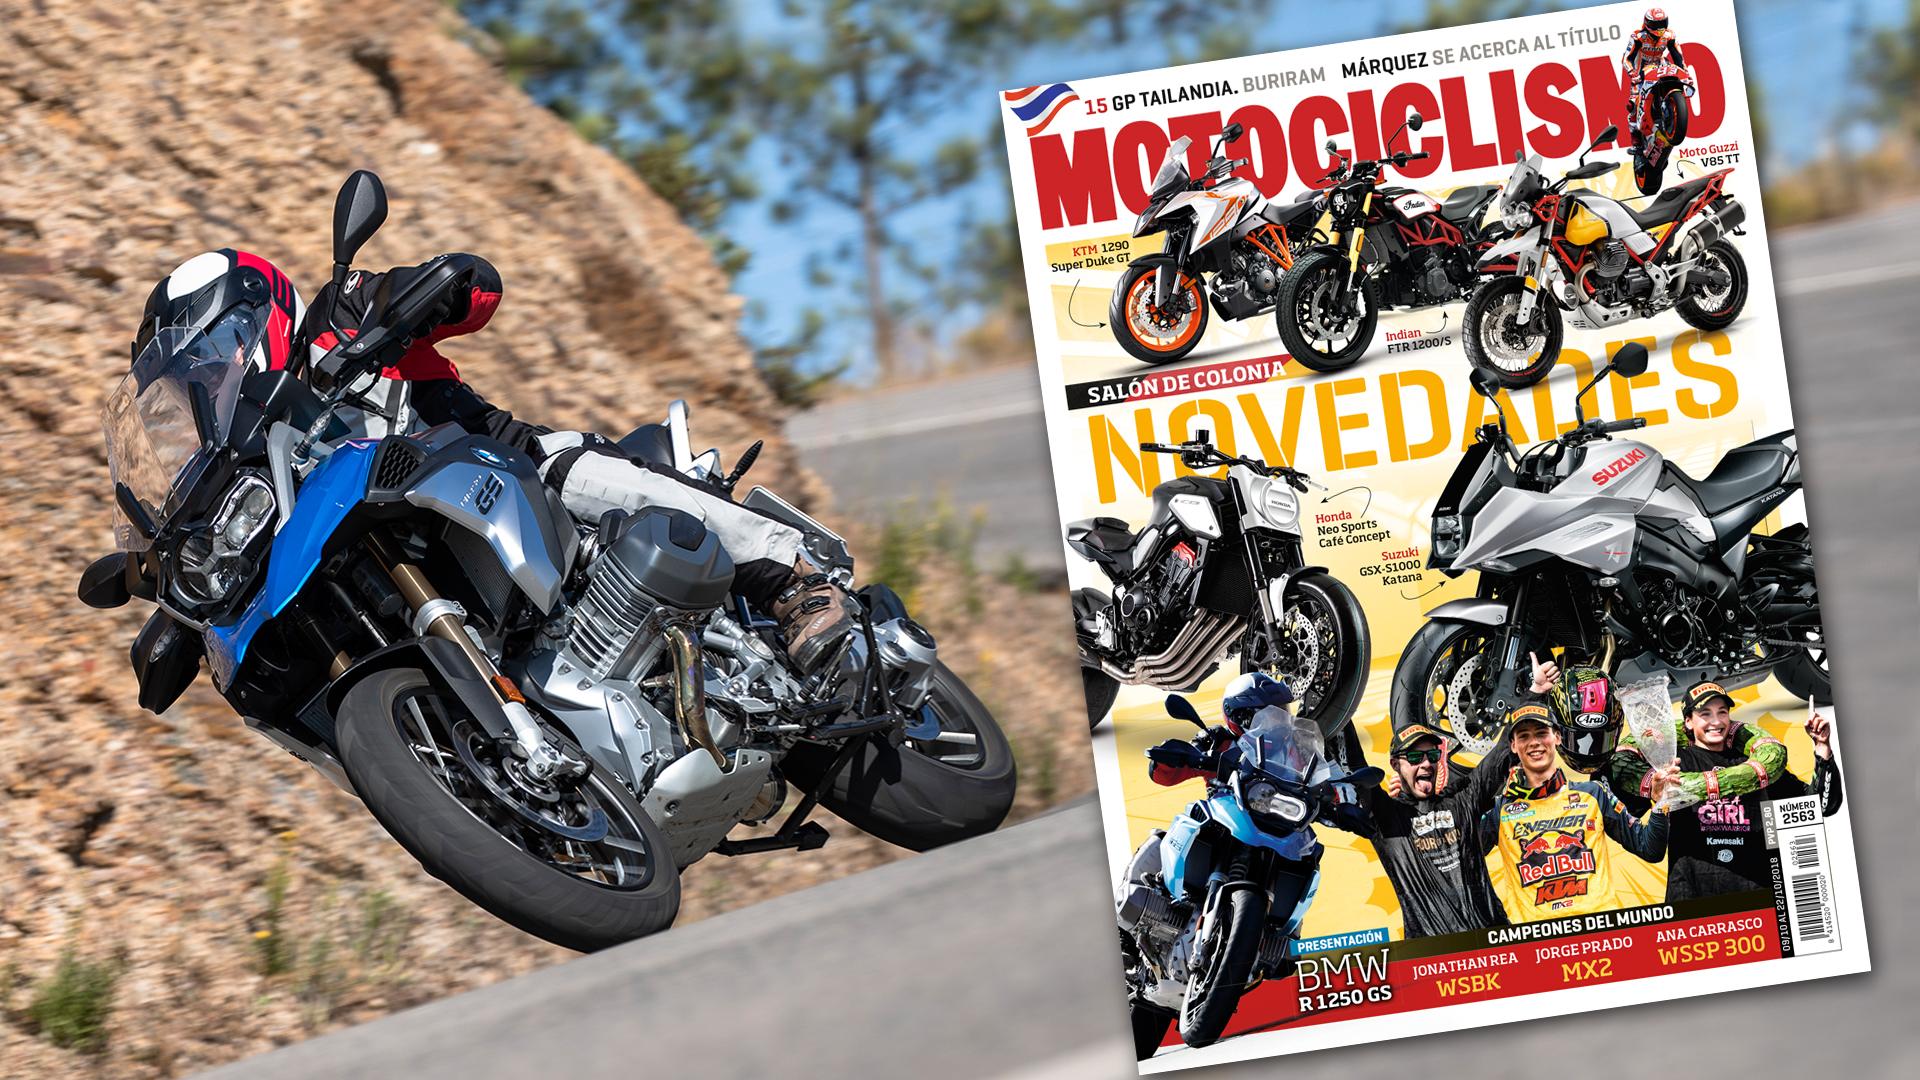 MOTOCICLISMO 2.563, contenidos y sumario de la revista